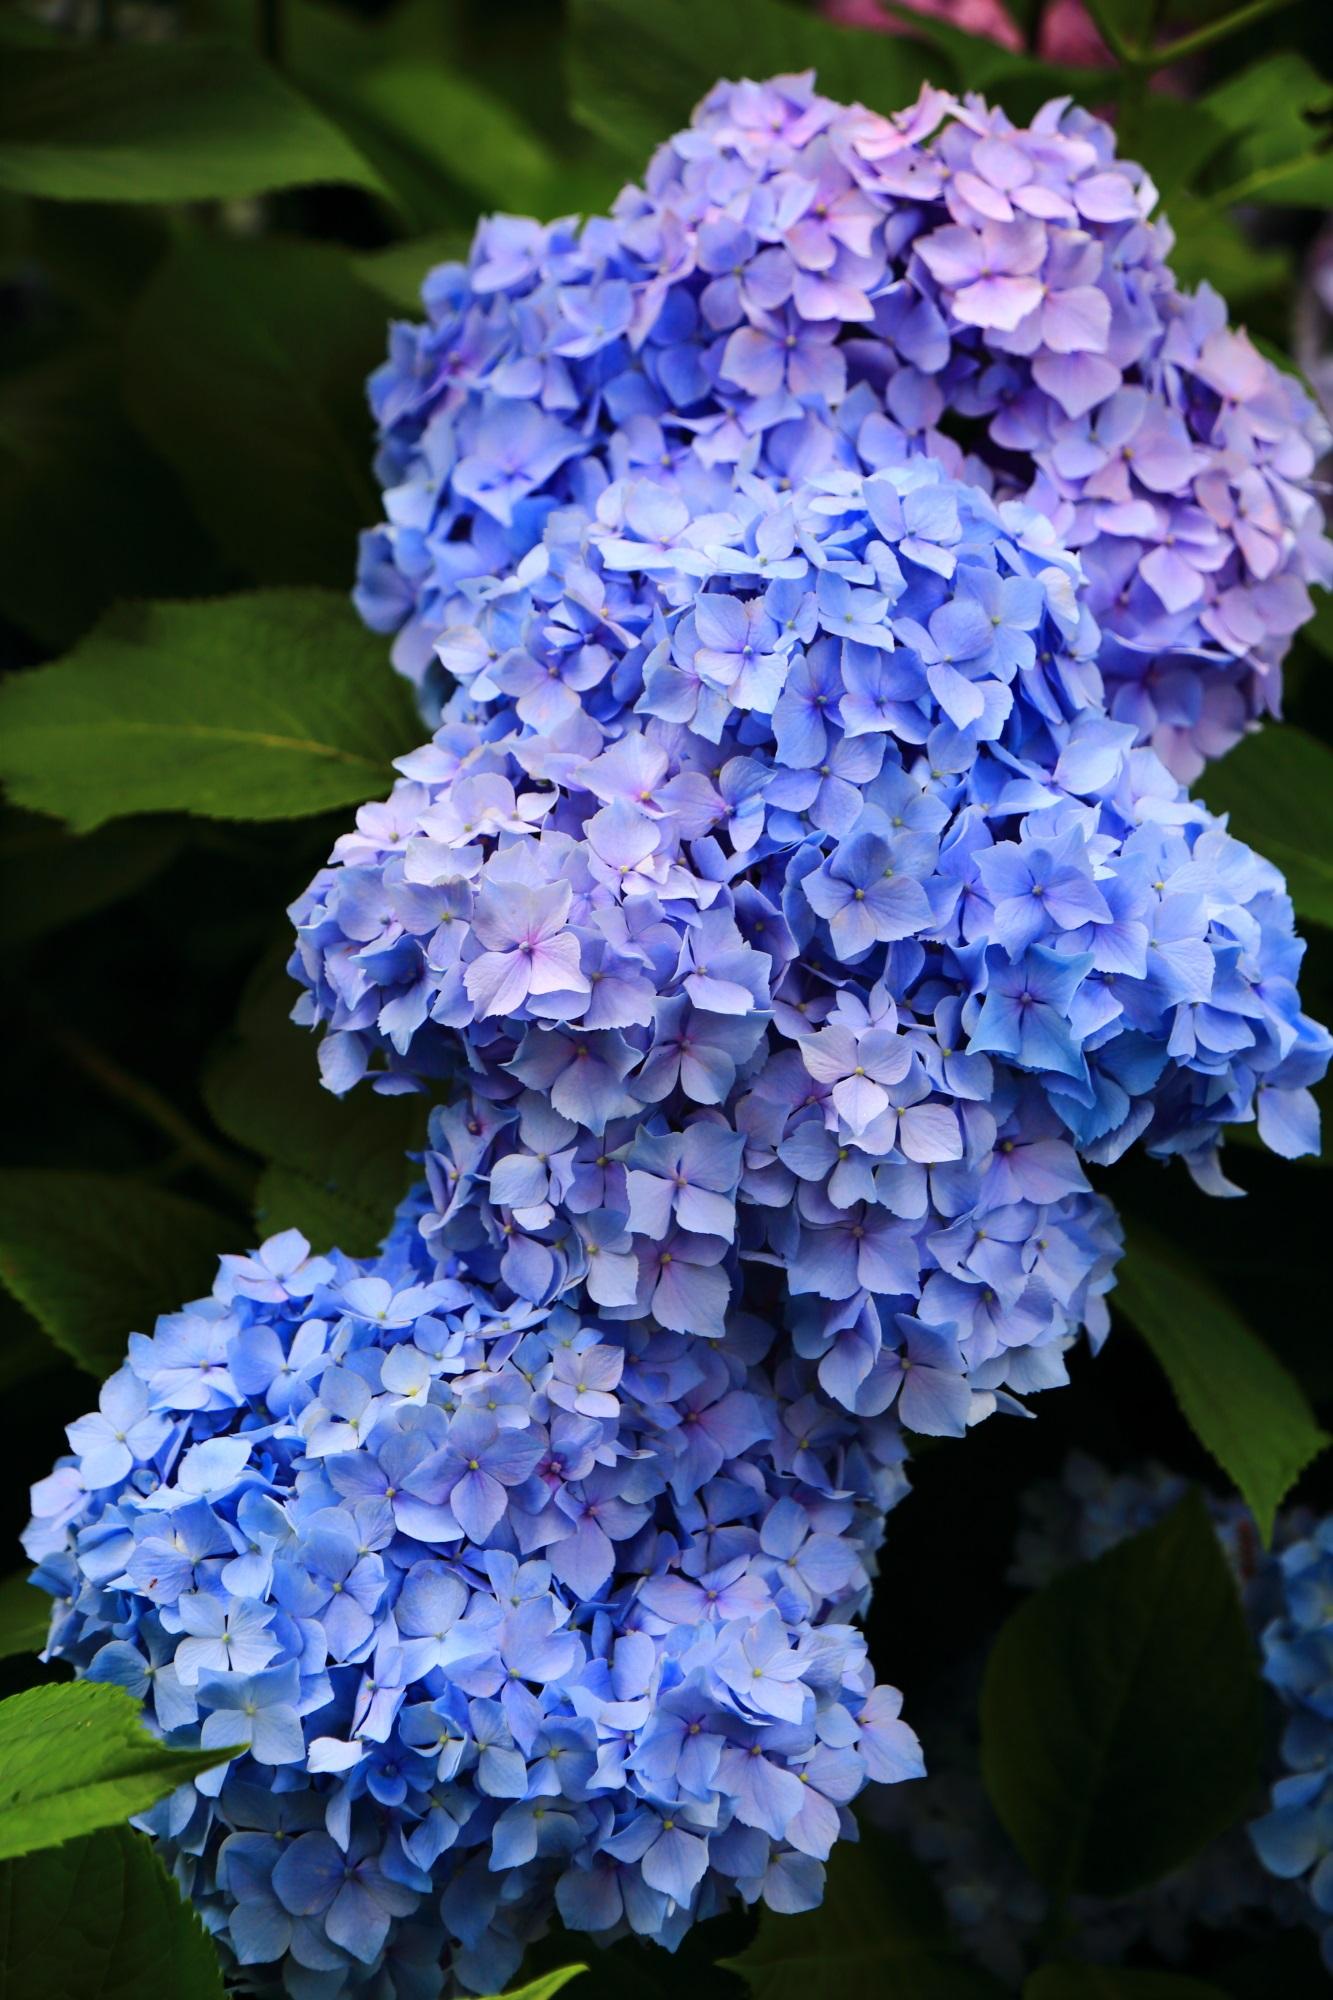 満開の紫陽花につつまれる宇治の紫陽花の名所の三室戸寺